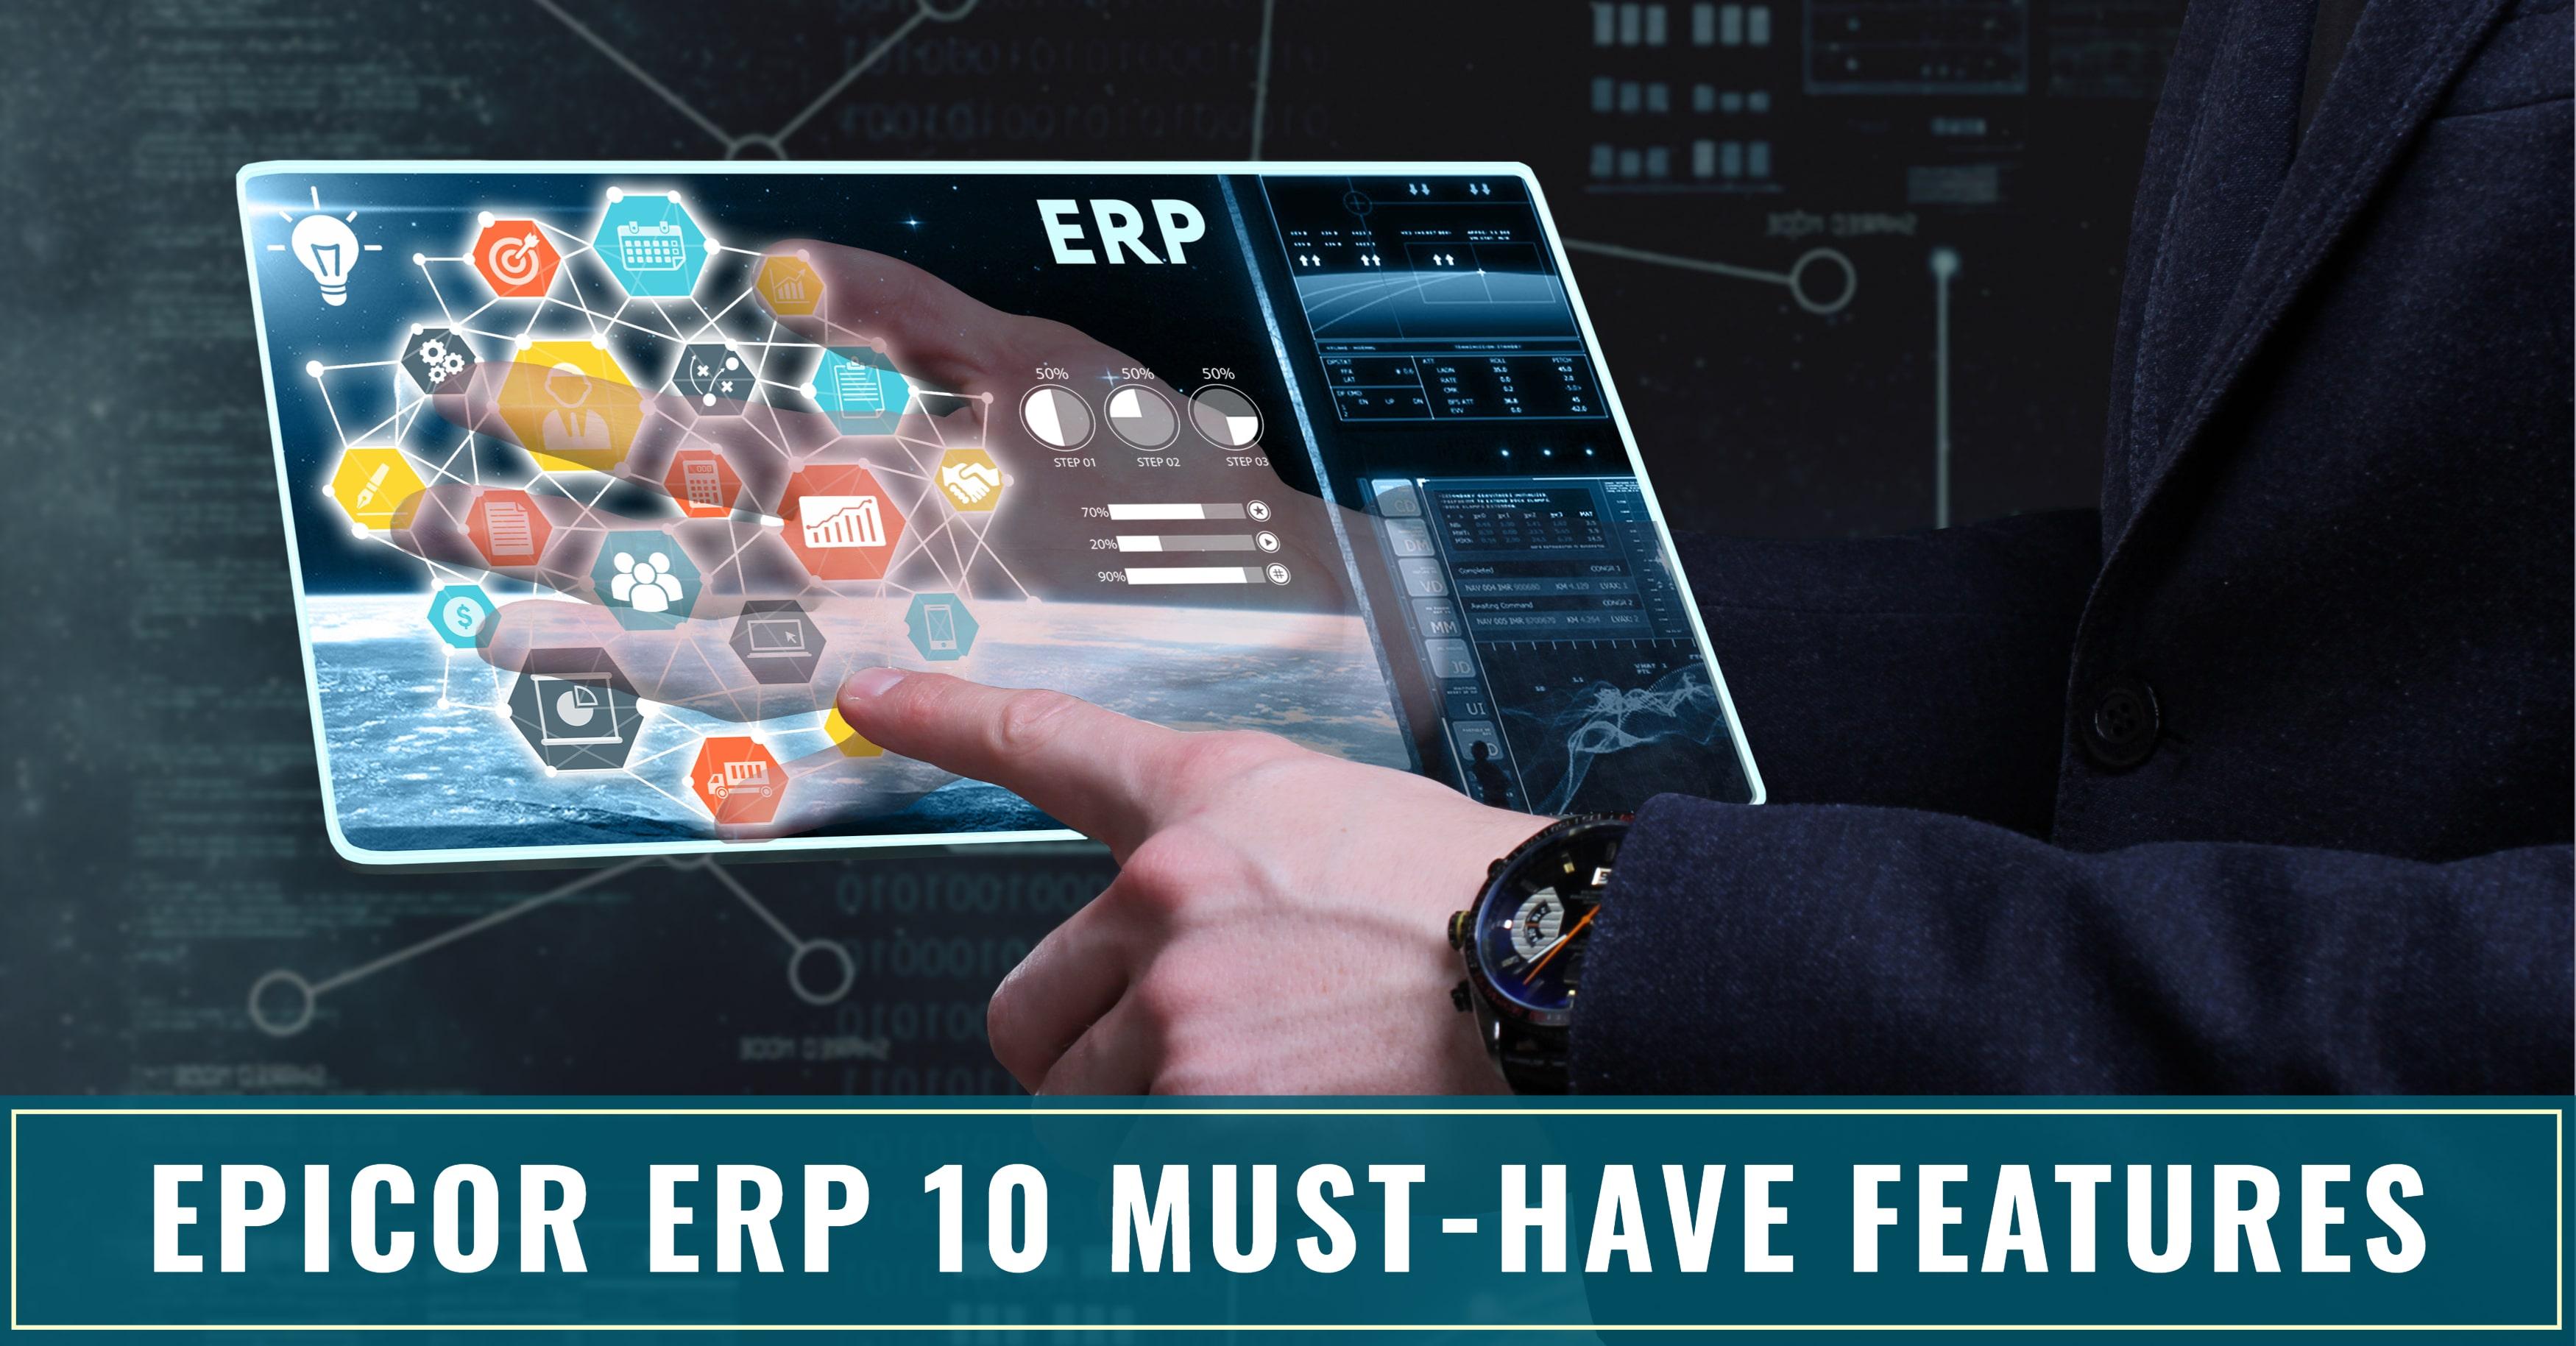 Epicor ERP 10 Features